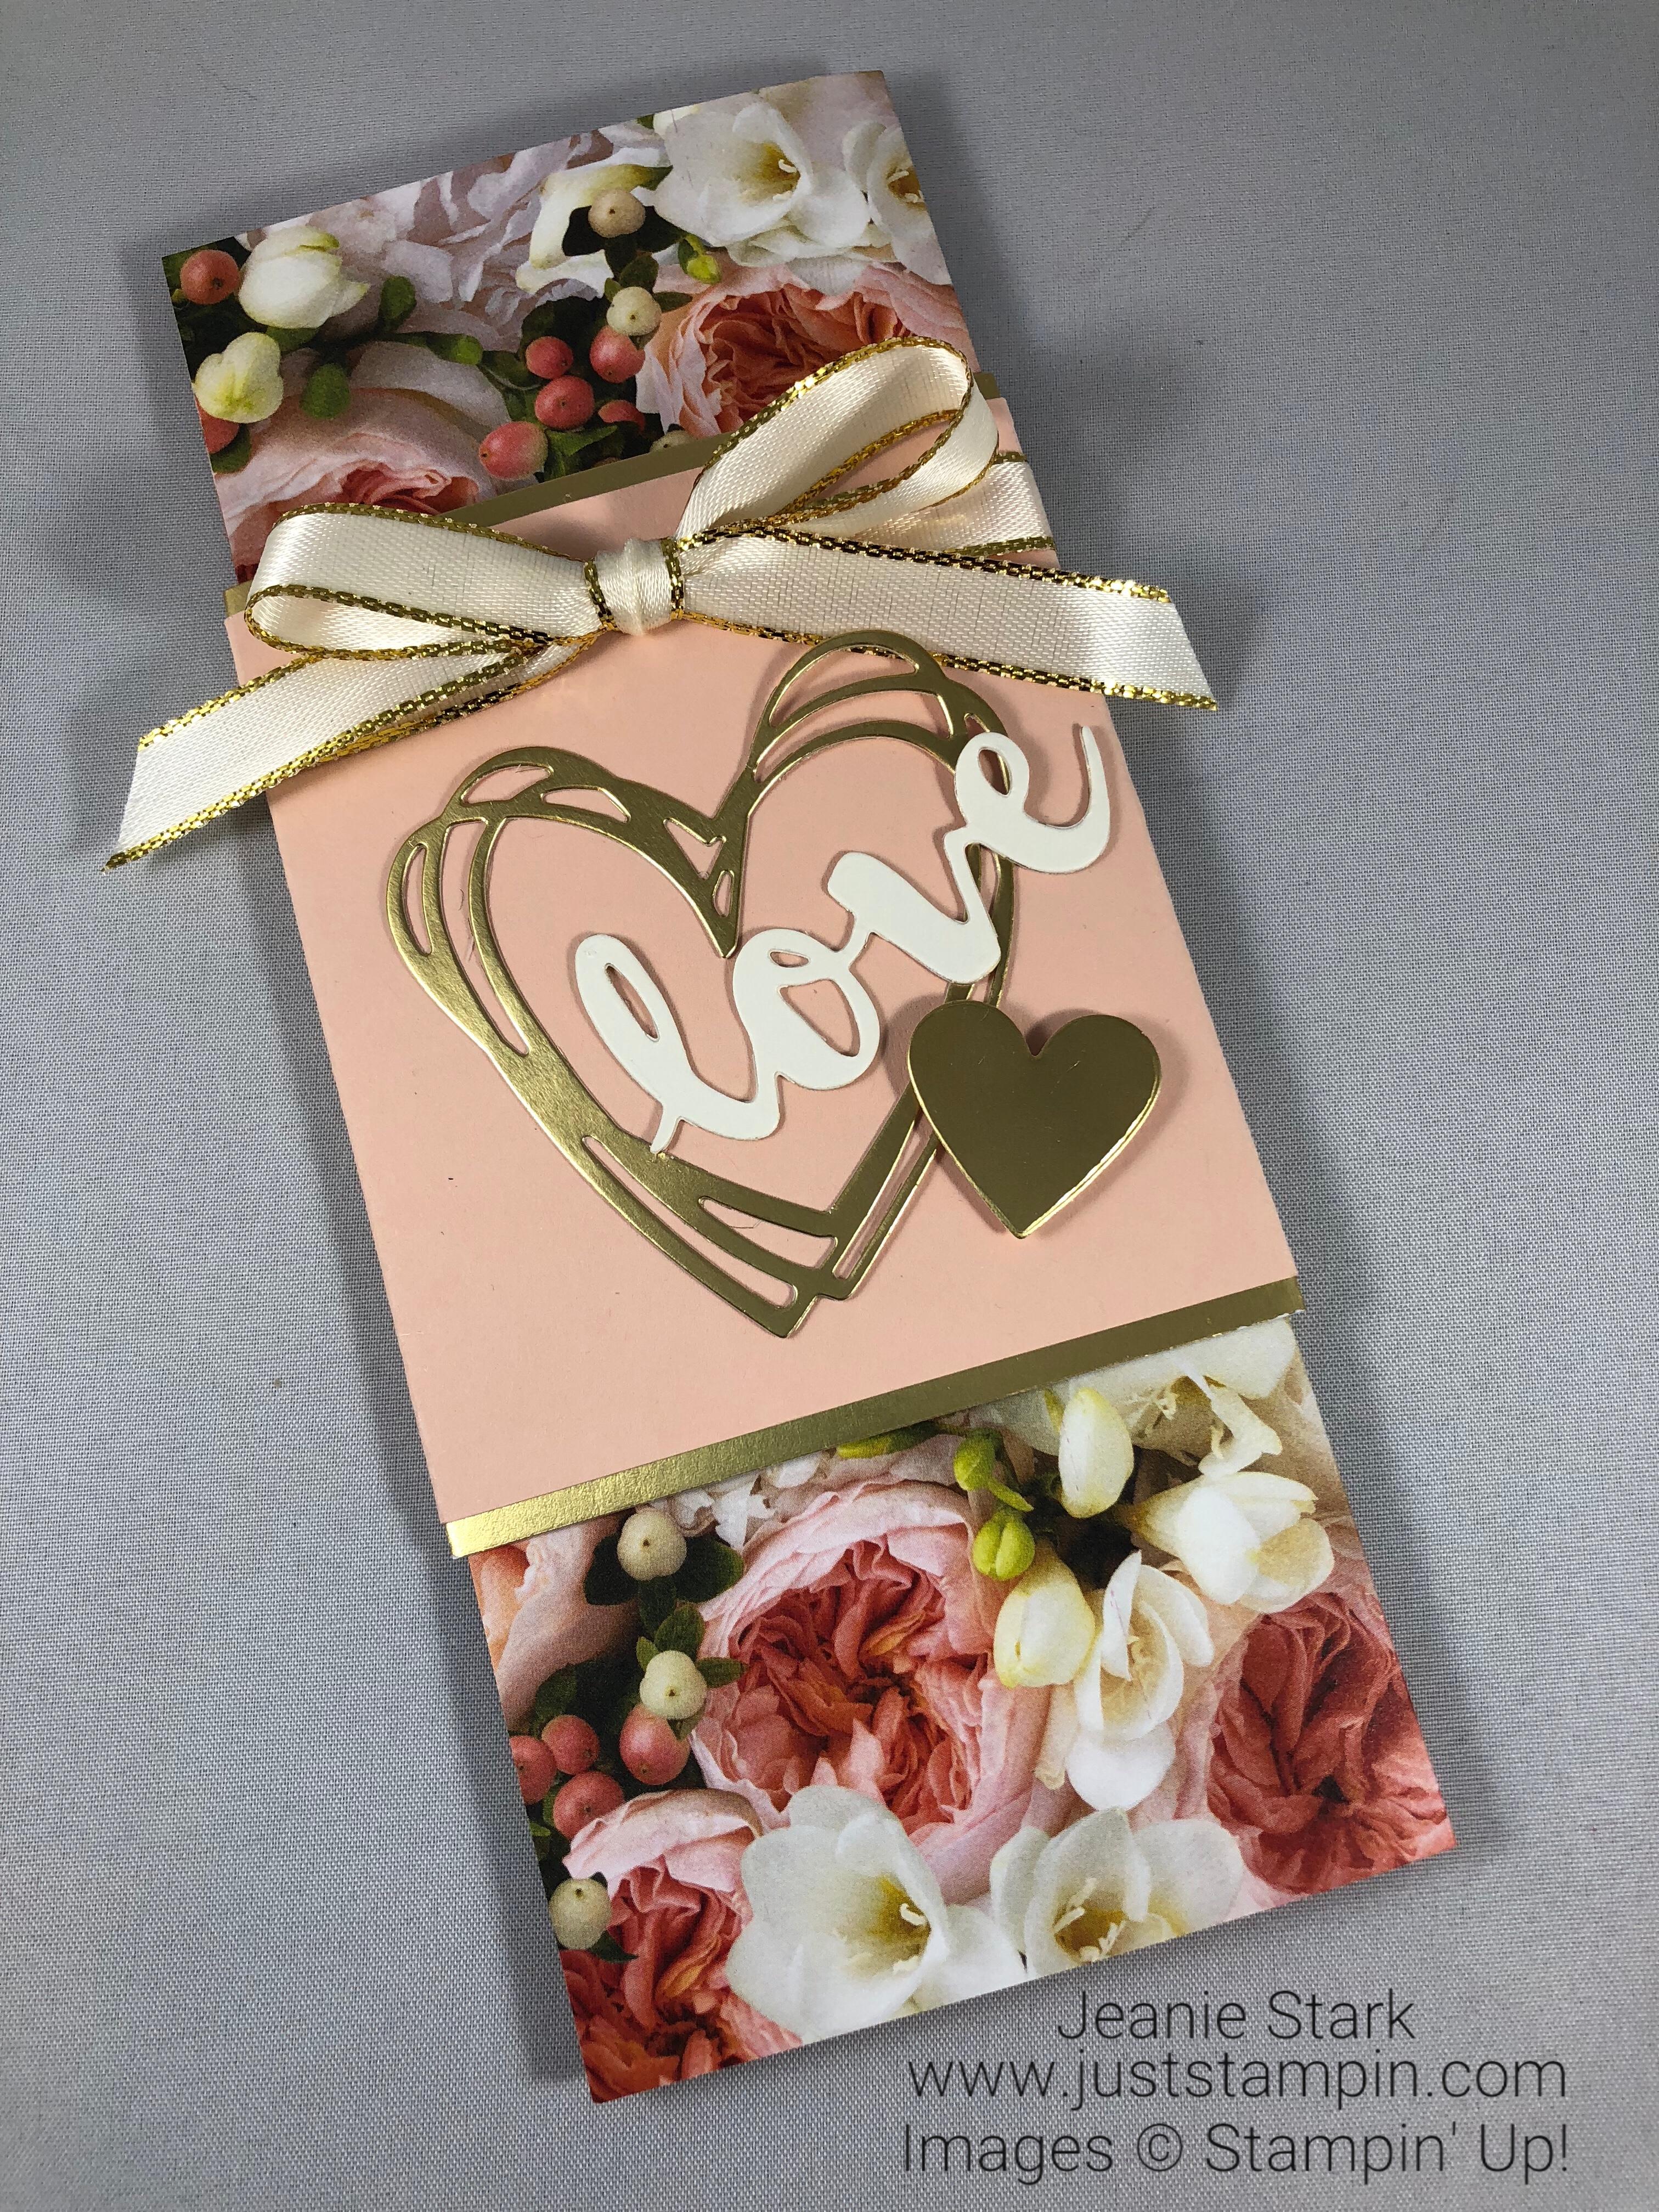 Stampin Up Sunshine Wishes money holder wedding card idea - Jeanie Stark StampinUp